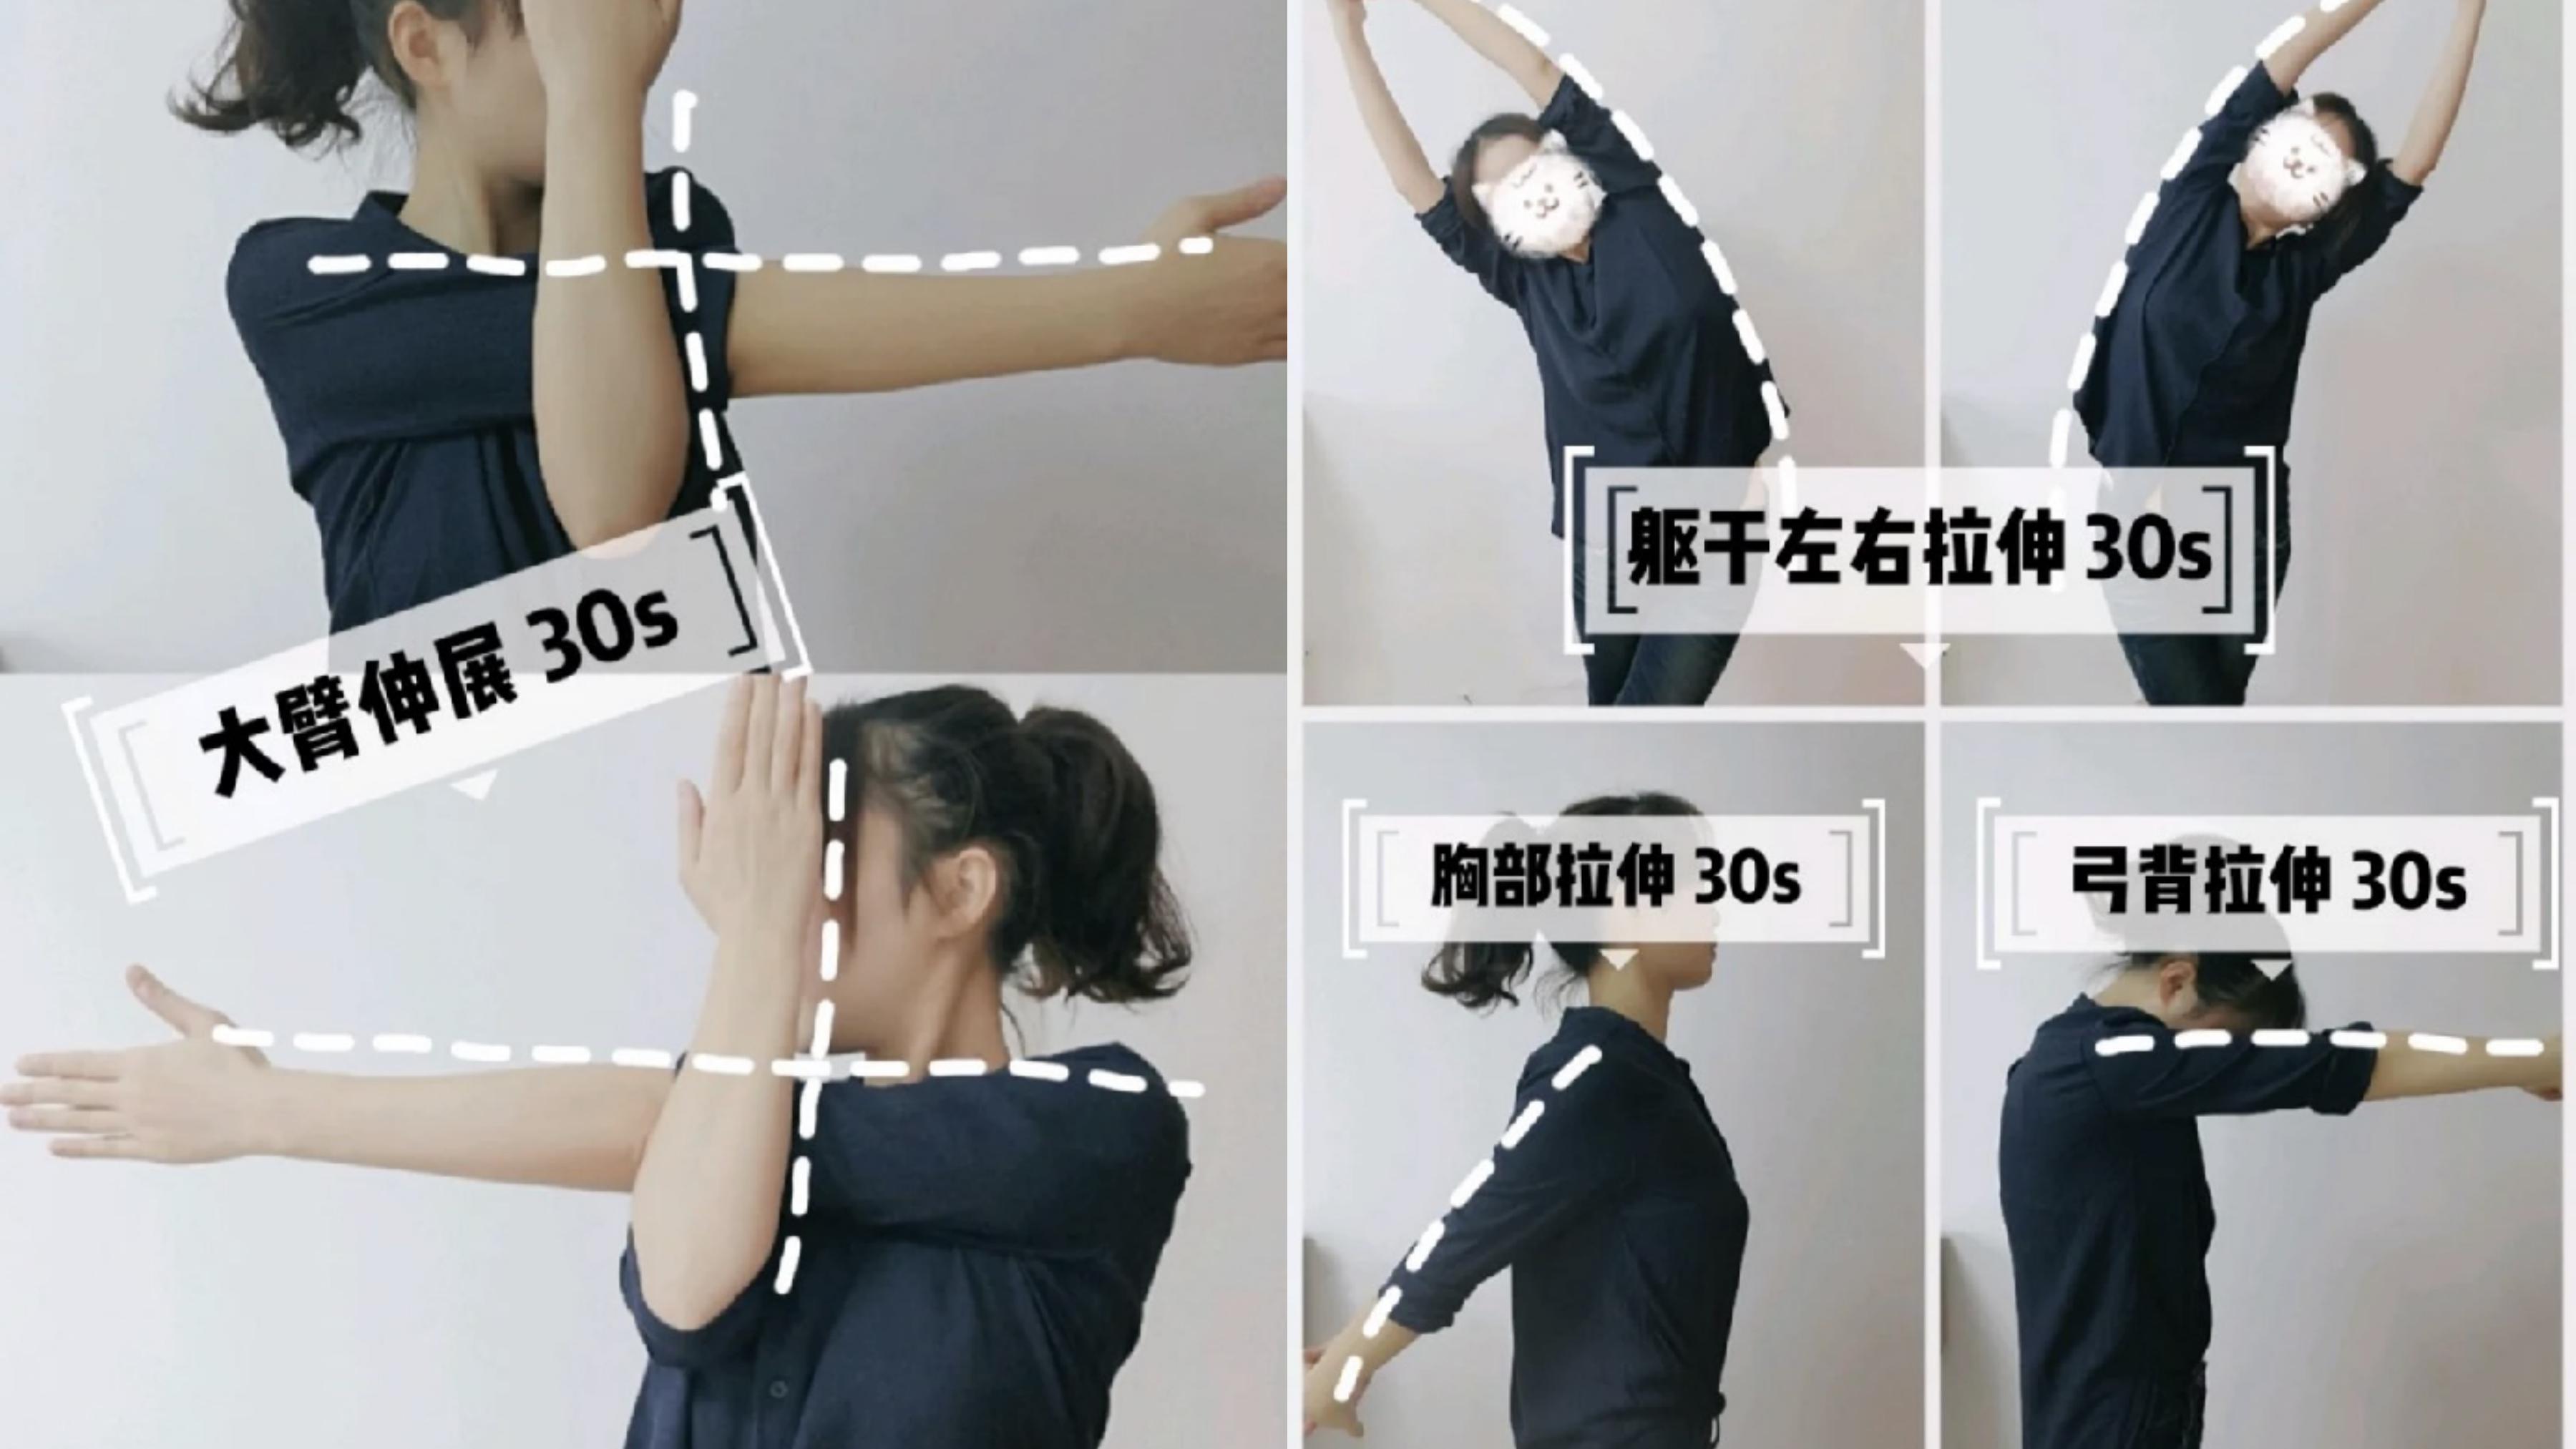 舒緩肩頸跟上半身&腰部的壓力,簡易伸展運動做起來。